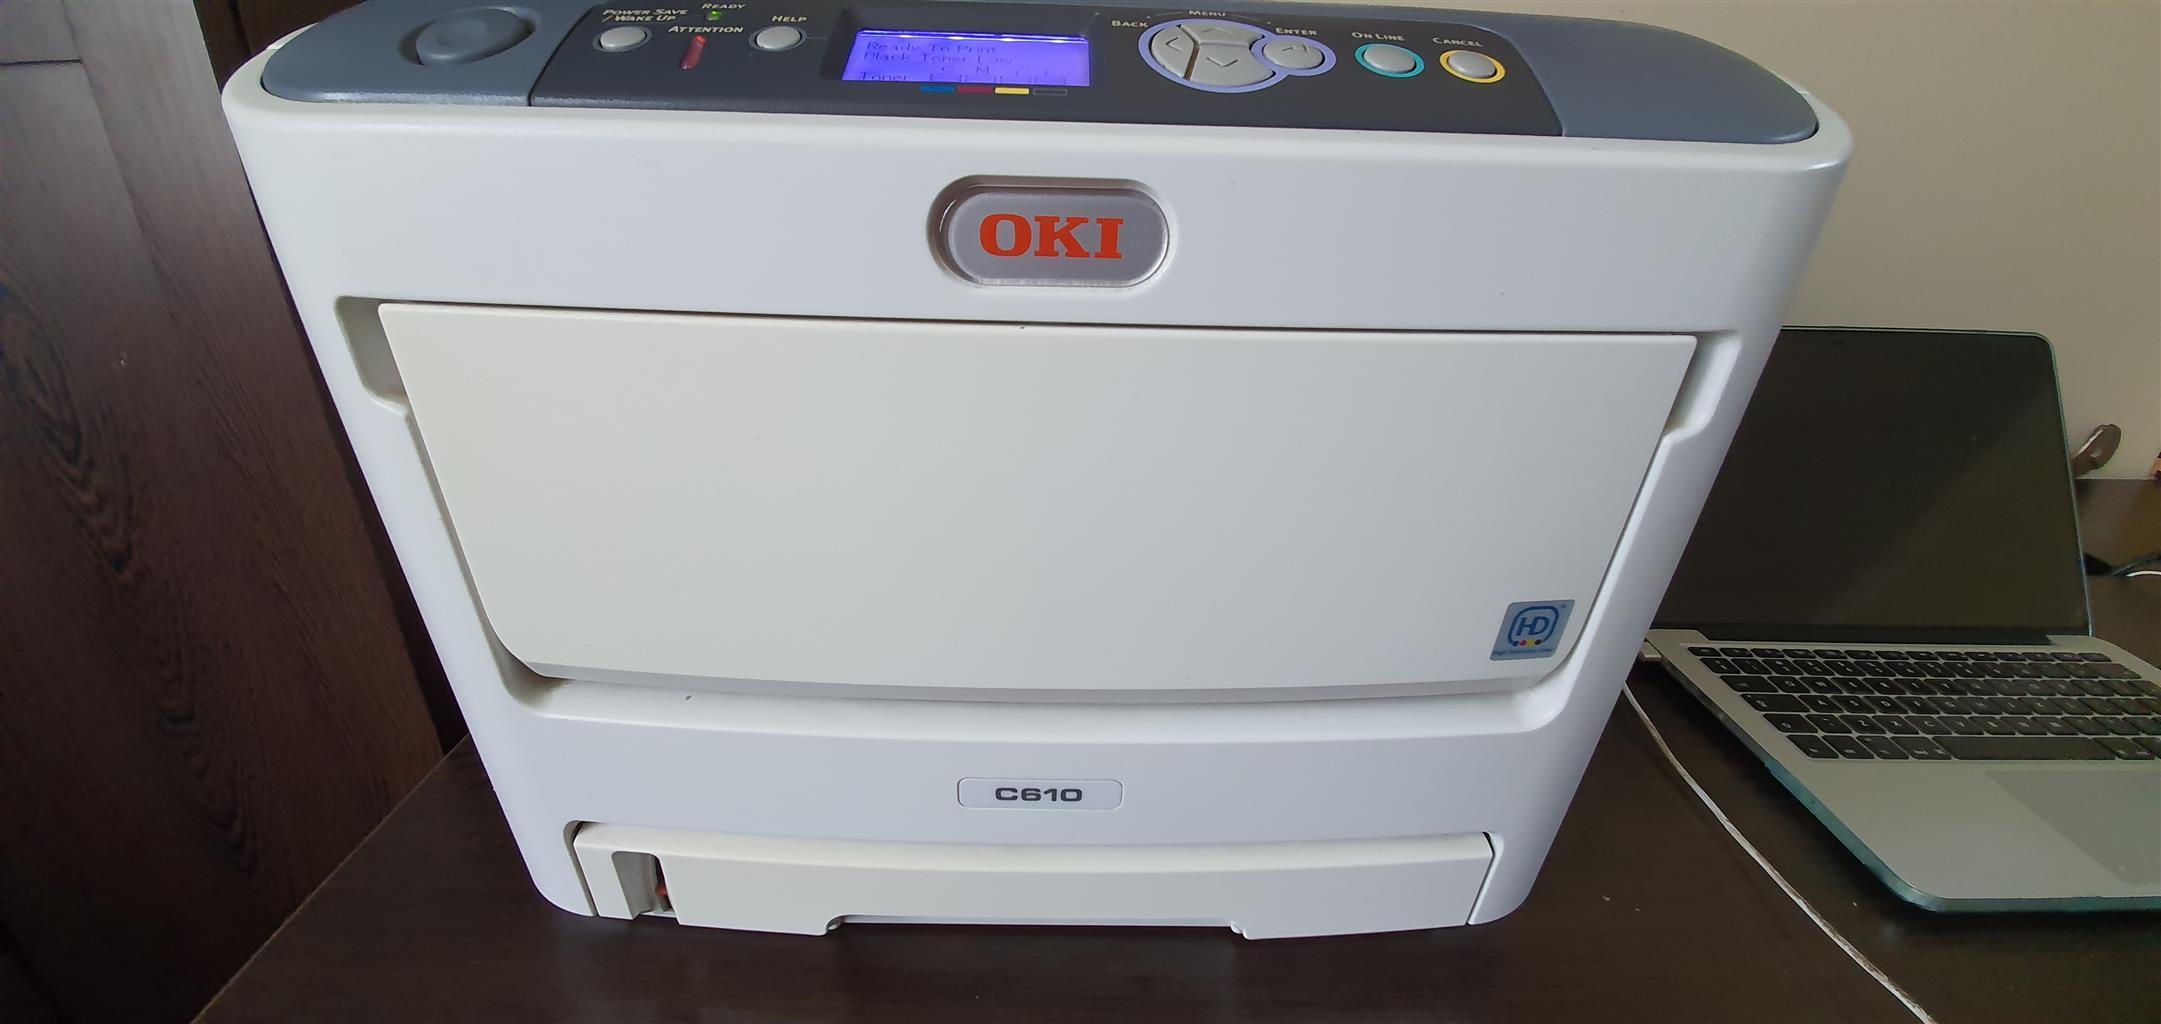 OKI610 LASERPRINTER FOR SALE!